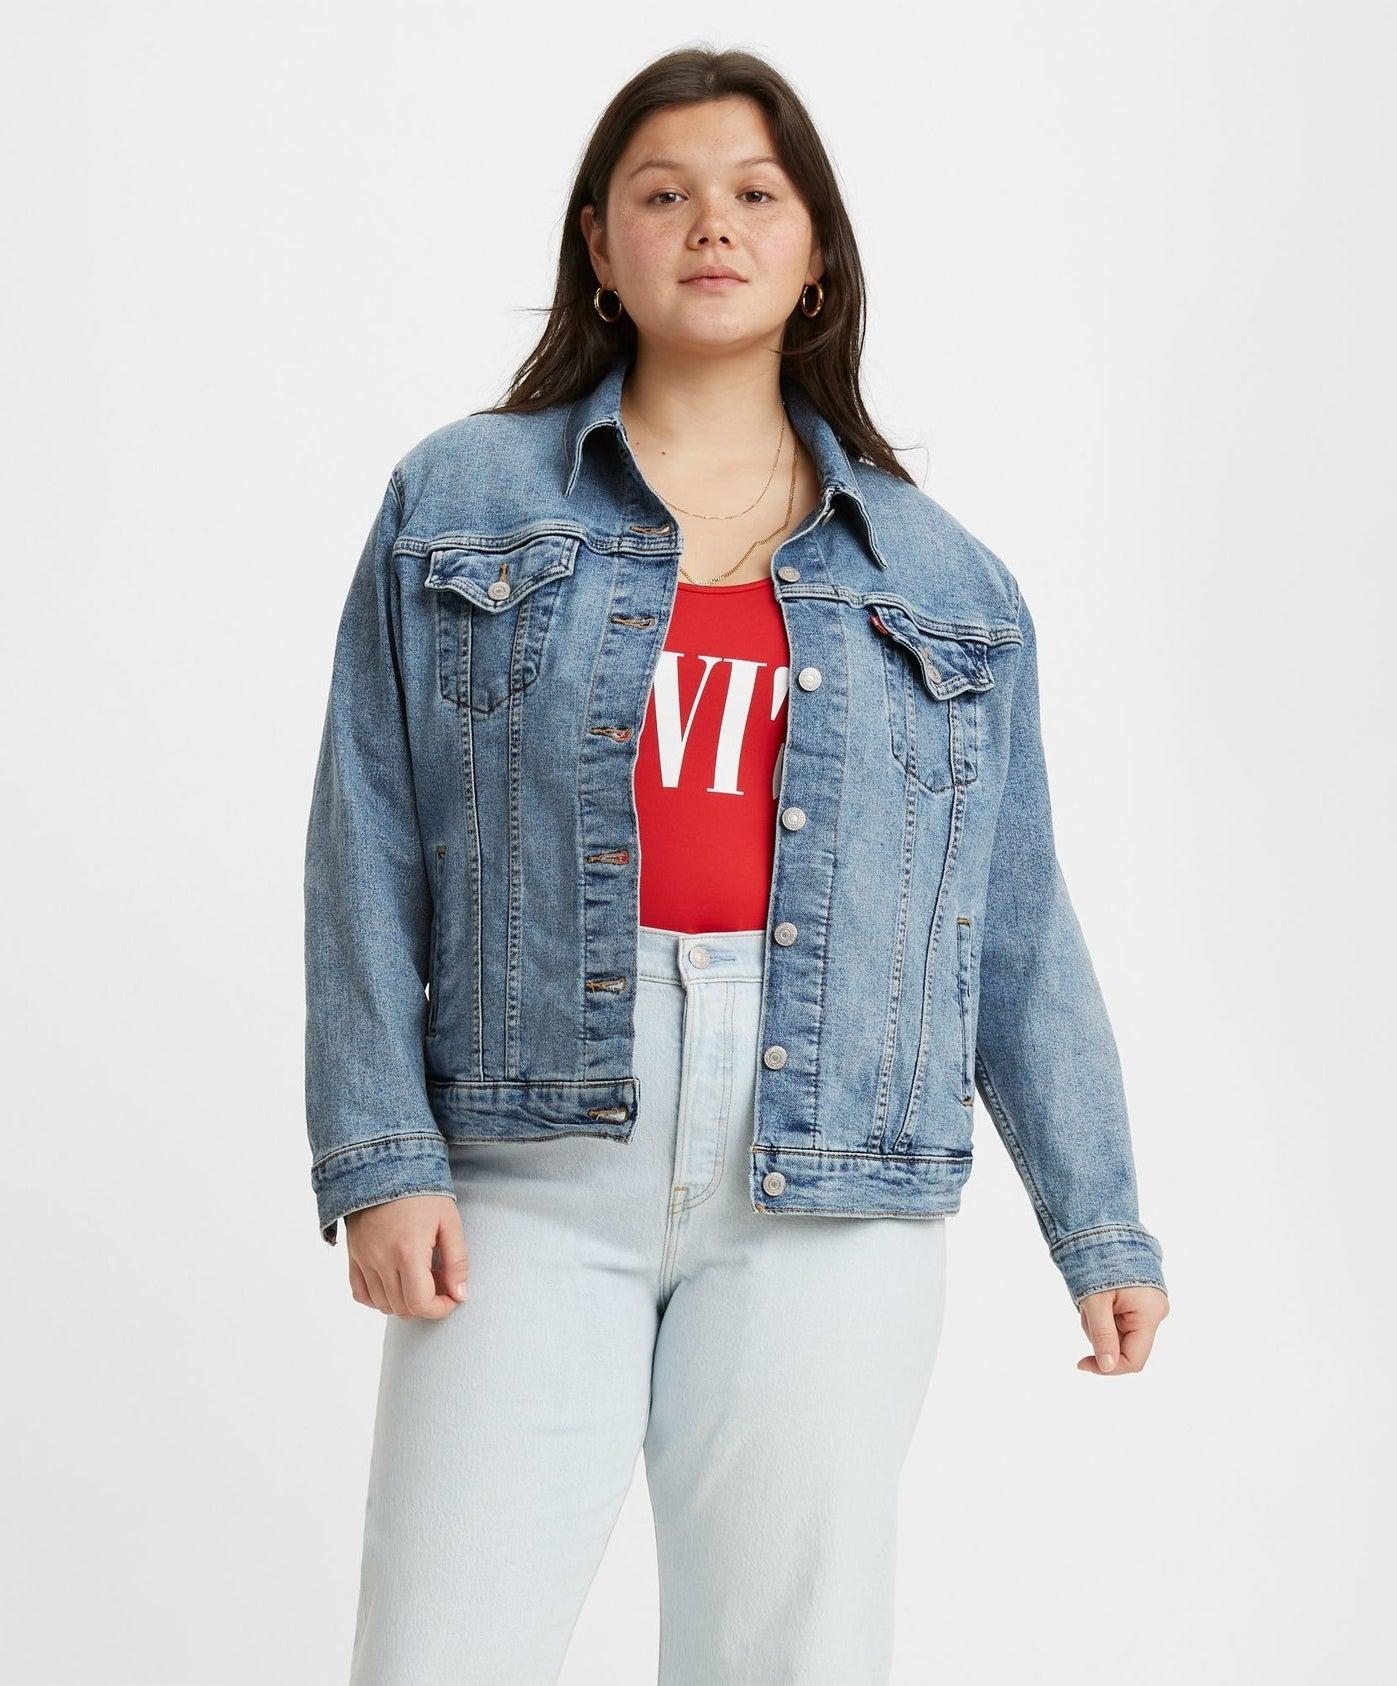 model in mid wash jean jacket